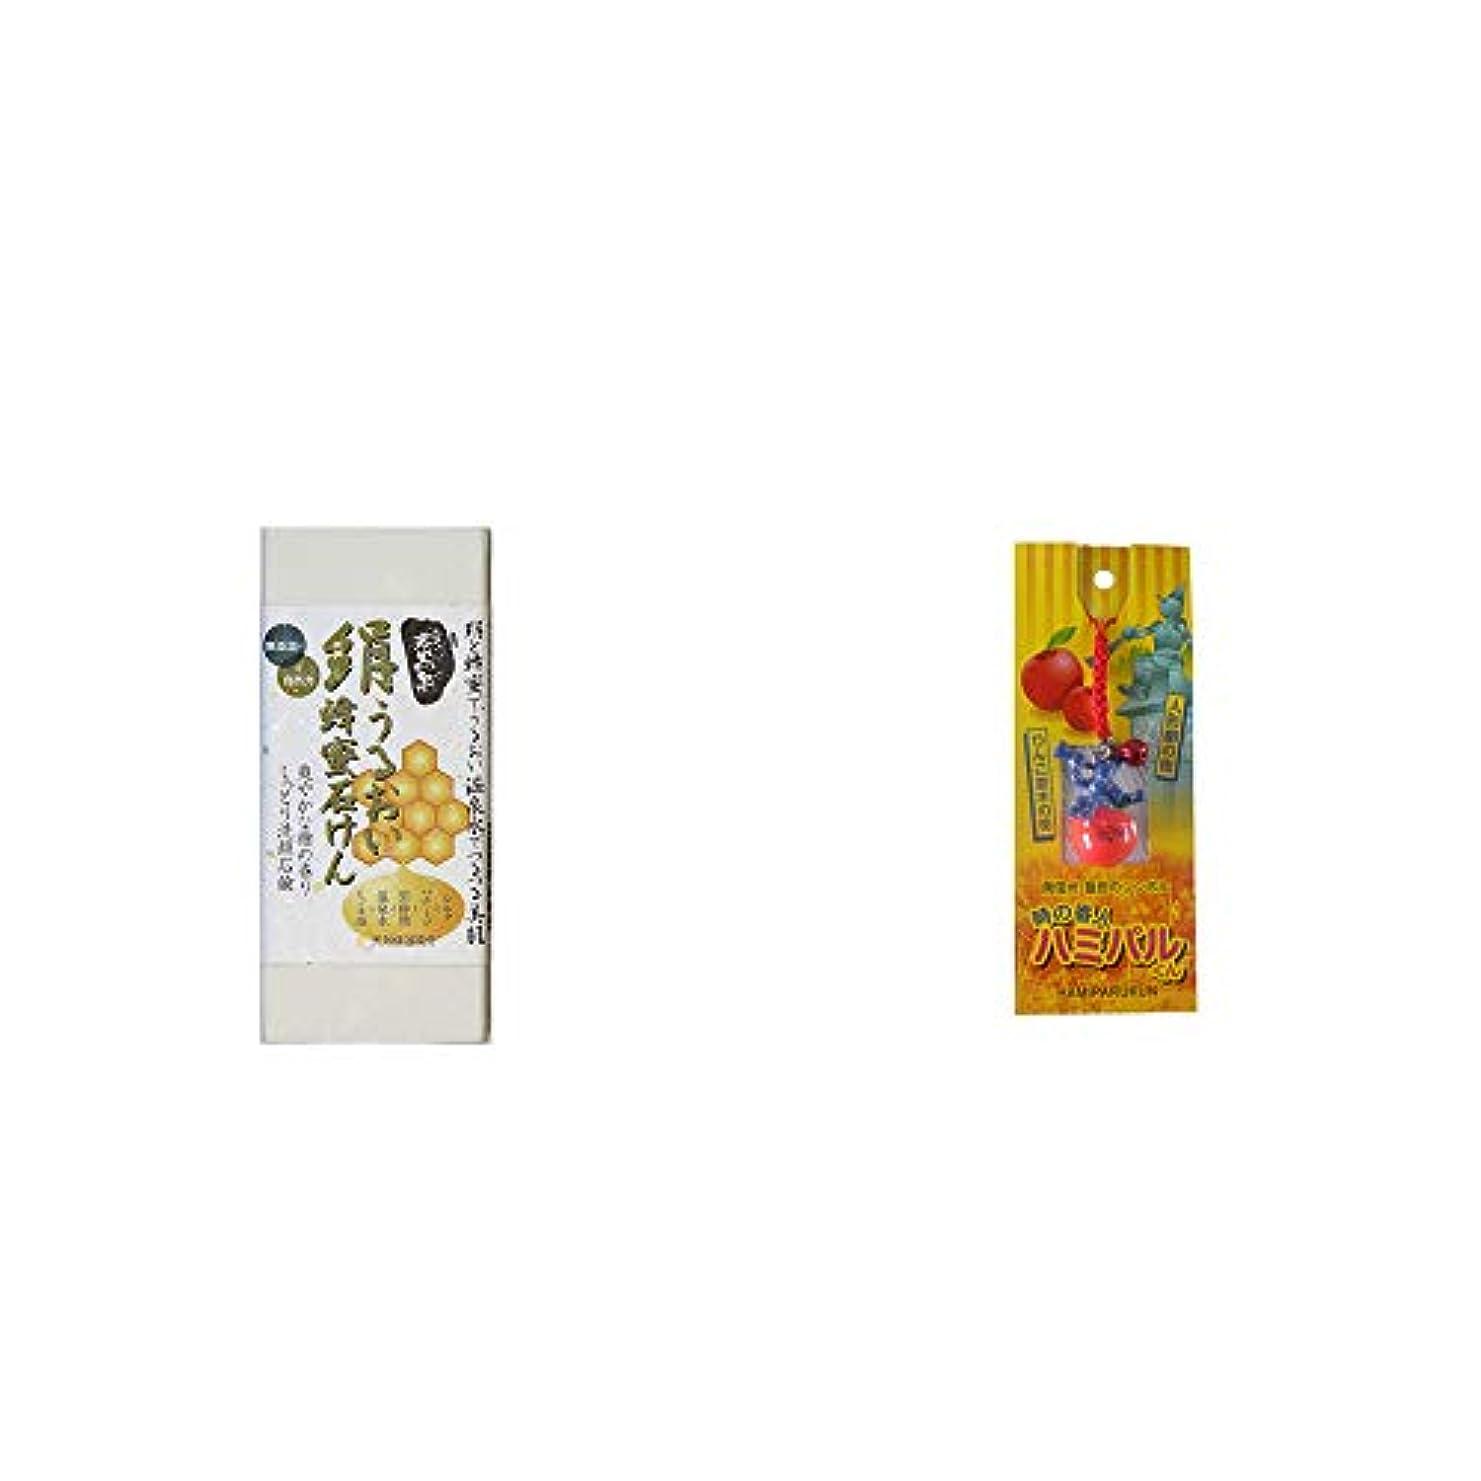 グリーンランド反動エクステント[2点セット] ひのき炭黒泉 絹うるおい蜂蜜石けん(75g×2)?信州?飯田のシンボル 時の番人ハミパルくんストラップ